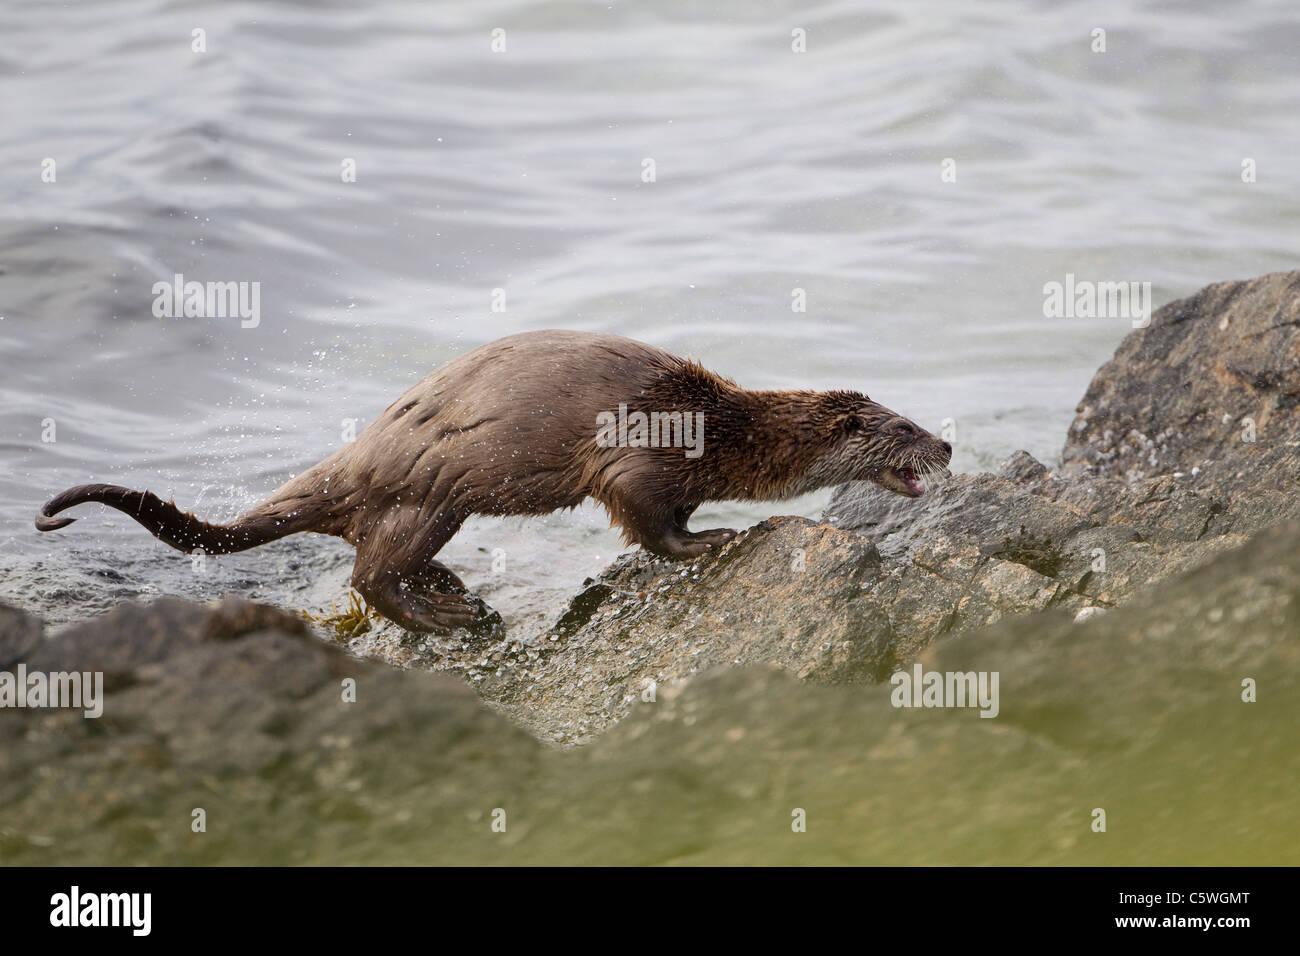 Unión de nutria (Lutra lutra) agitando el agua desde el pelaje en costa rocosa. Shetland, Escocia, Gran Bretaña. Foto de stock